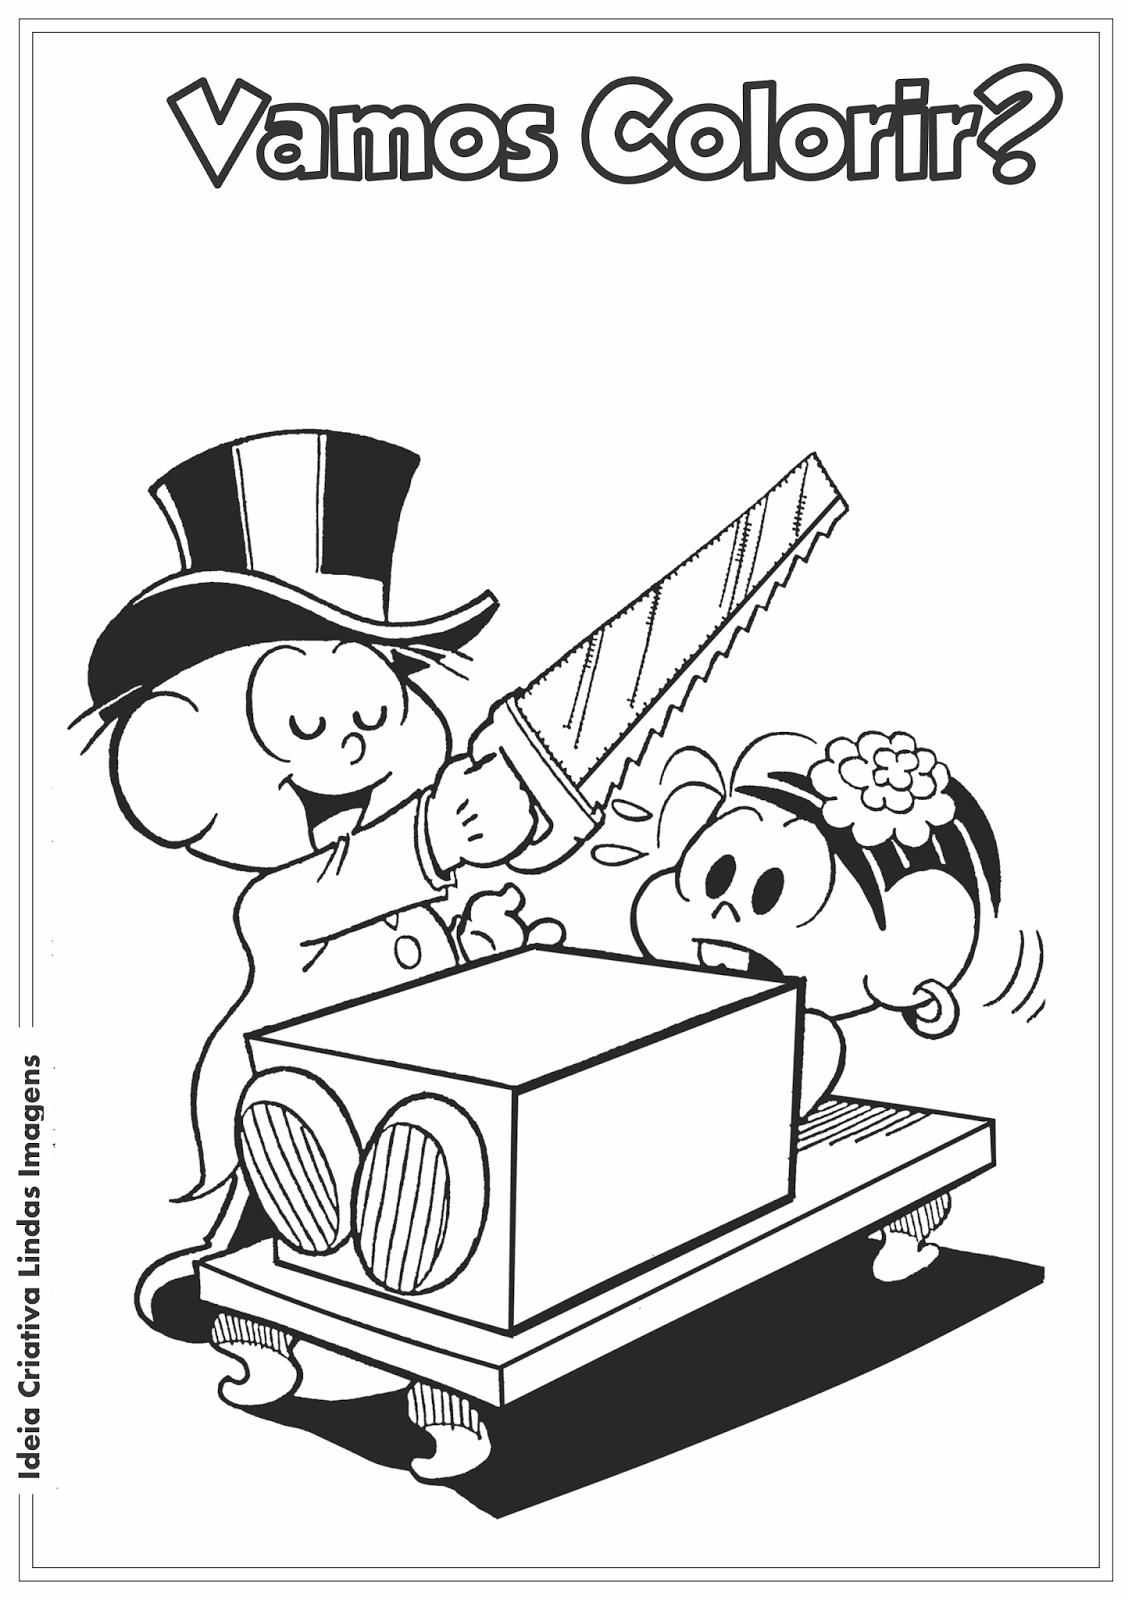 Turma da Mônica - Dia do Circo - Cebolinha e Mônica desenho para colorir